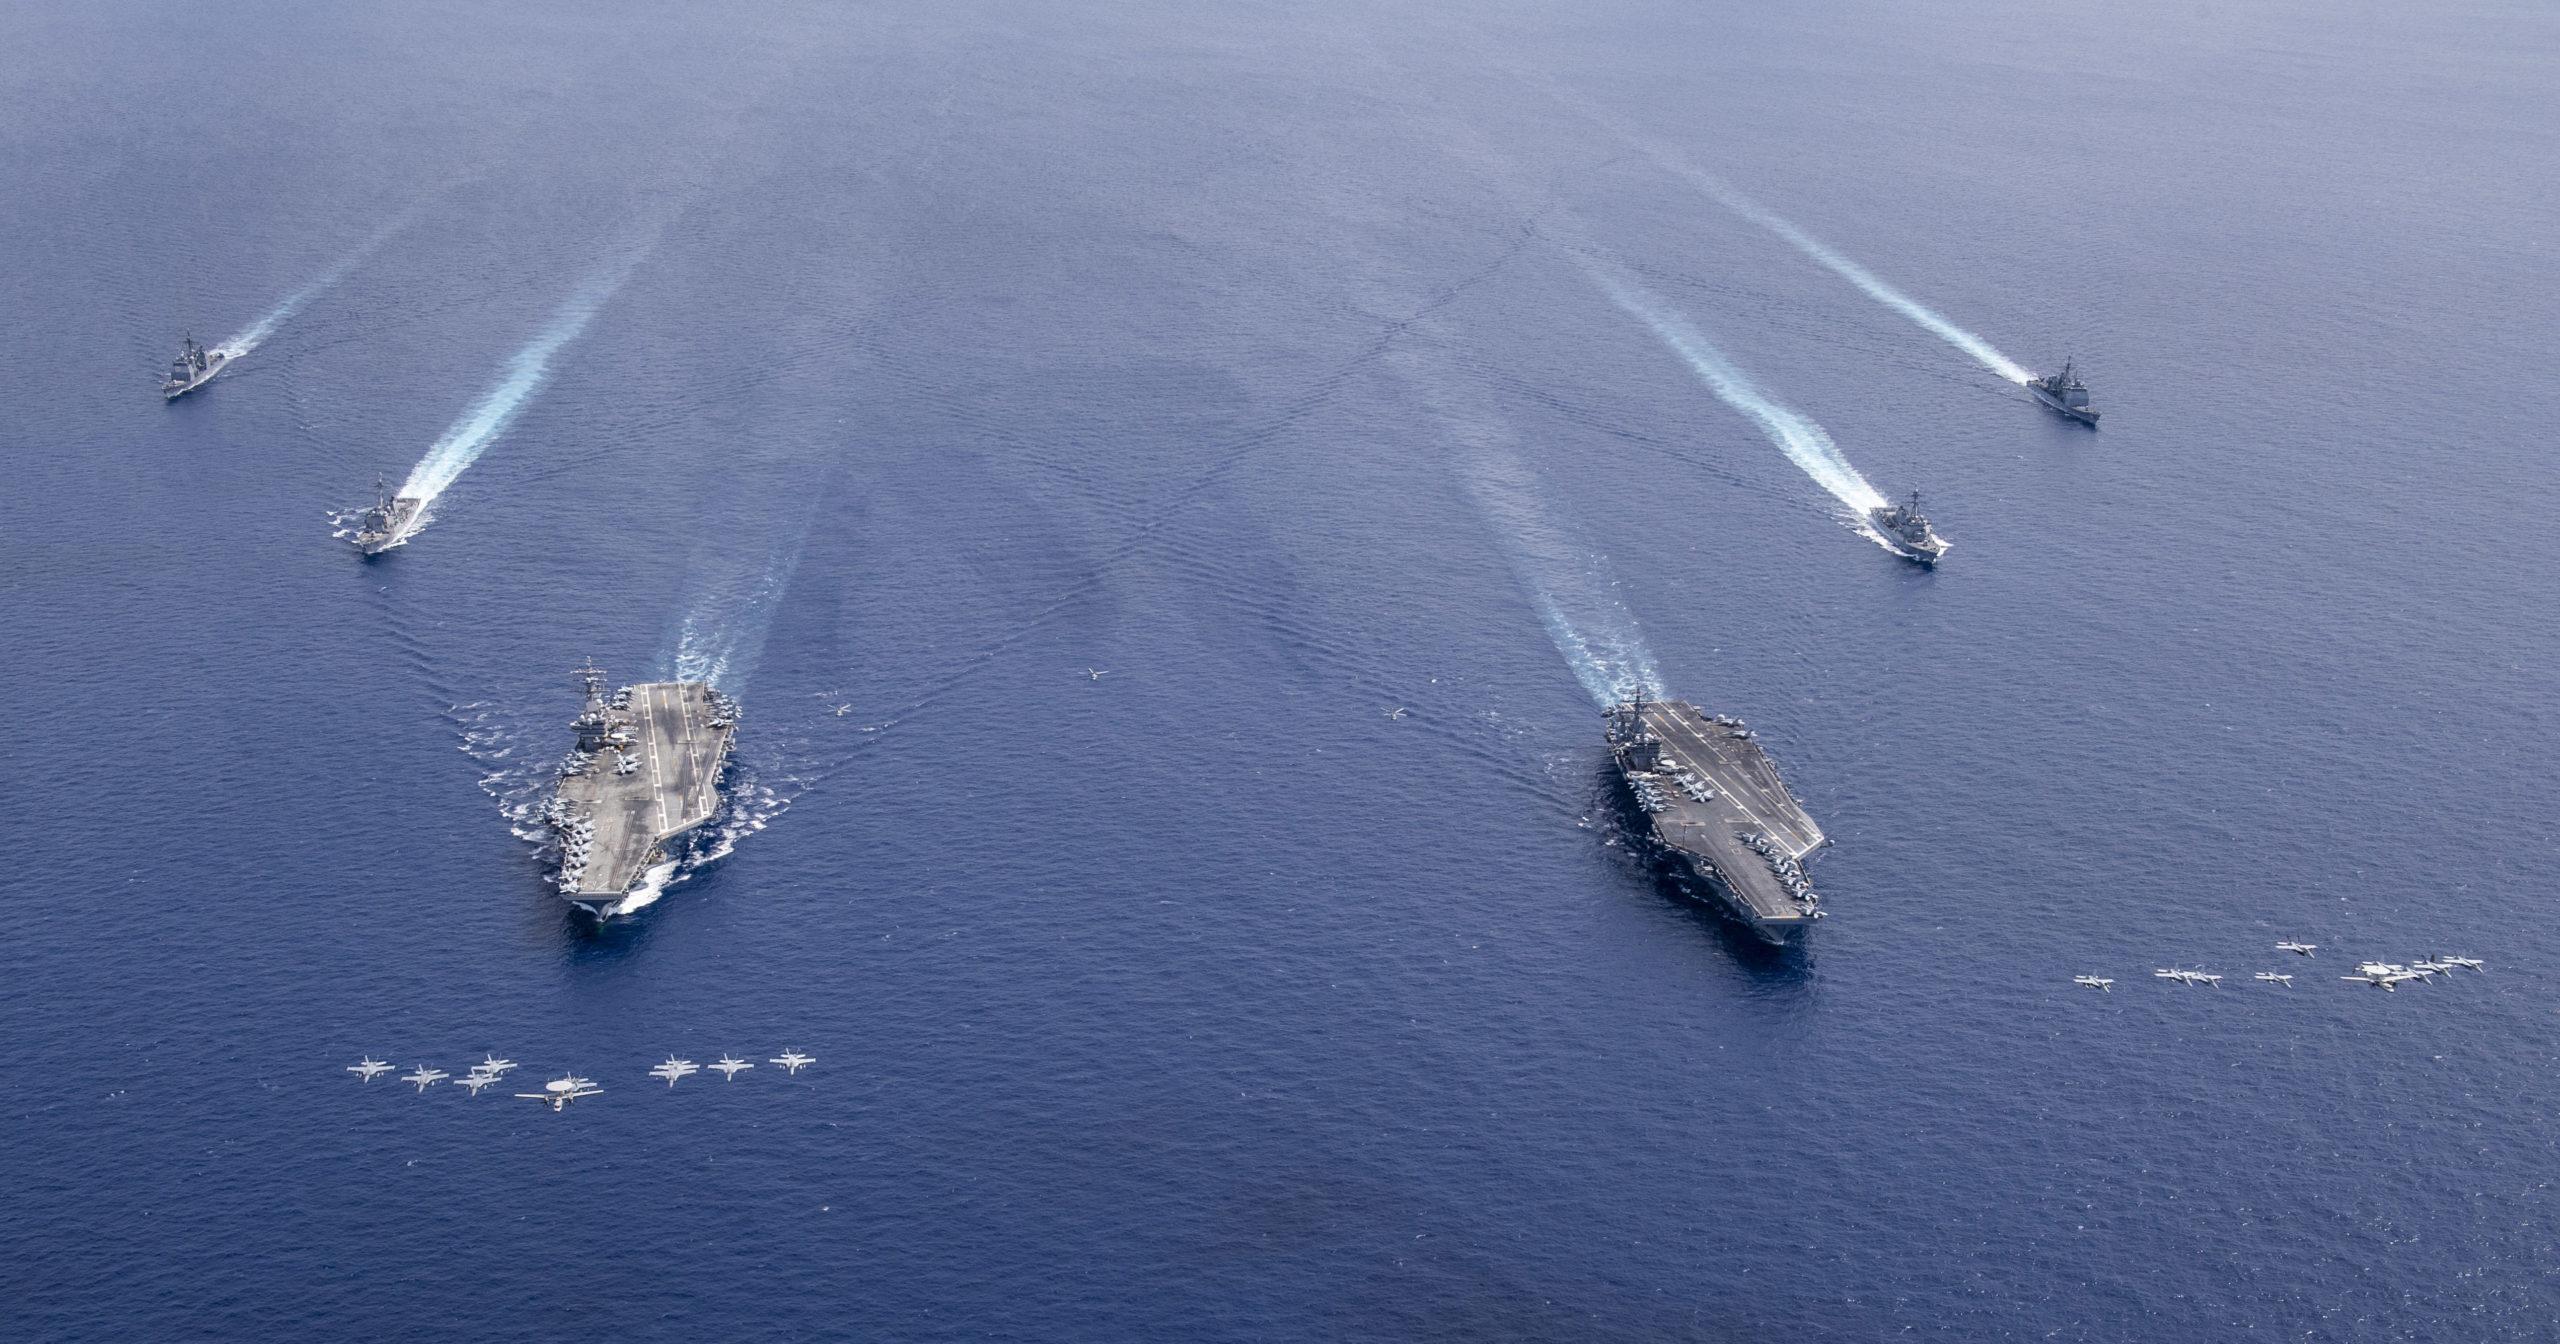 https://www.naval.com.br/blog/wp-content/uploads/2020/07/Os-grupos-de-ataque-dos-porta-avi%C3%B5es-USS-Nimitz-e-USS-Ronald-Reagan-realizaram-opera%C3%A7%C3%B5es-no-Mar-da-China-Meridional-scaled.jpg